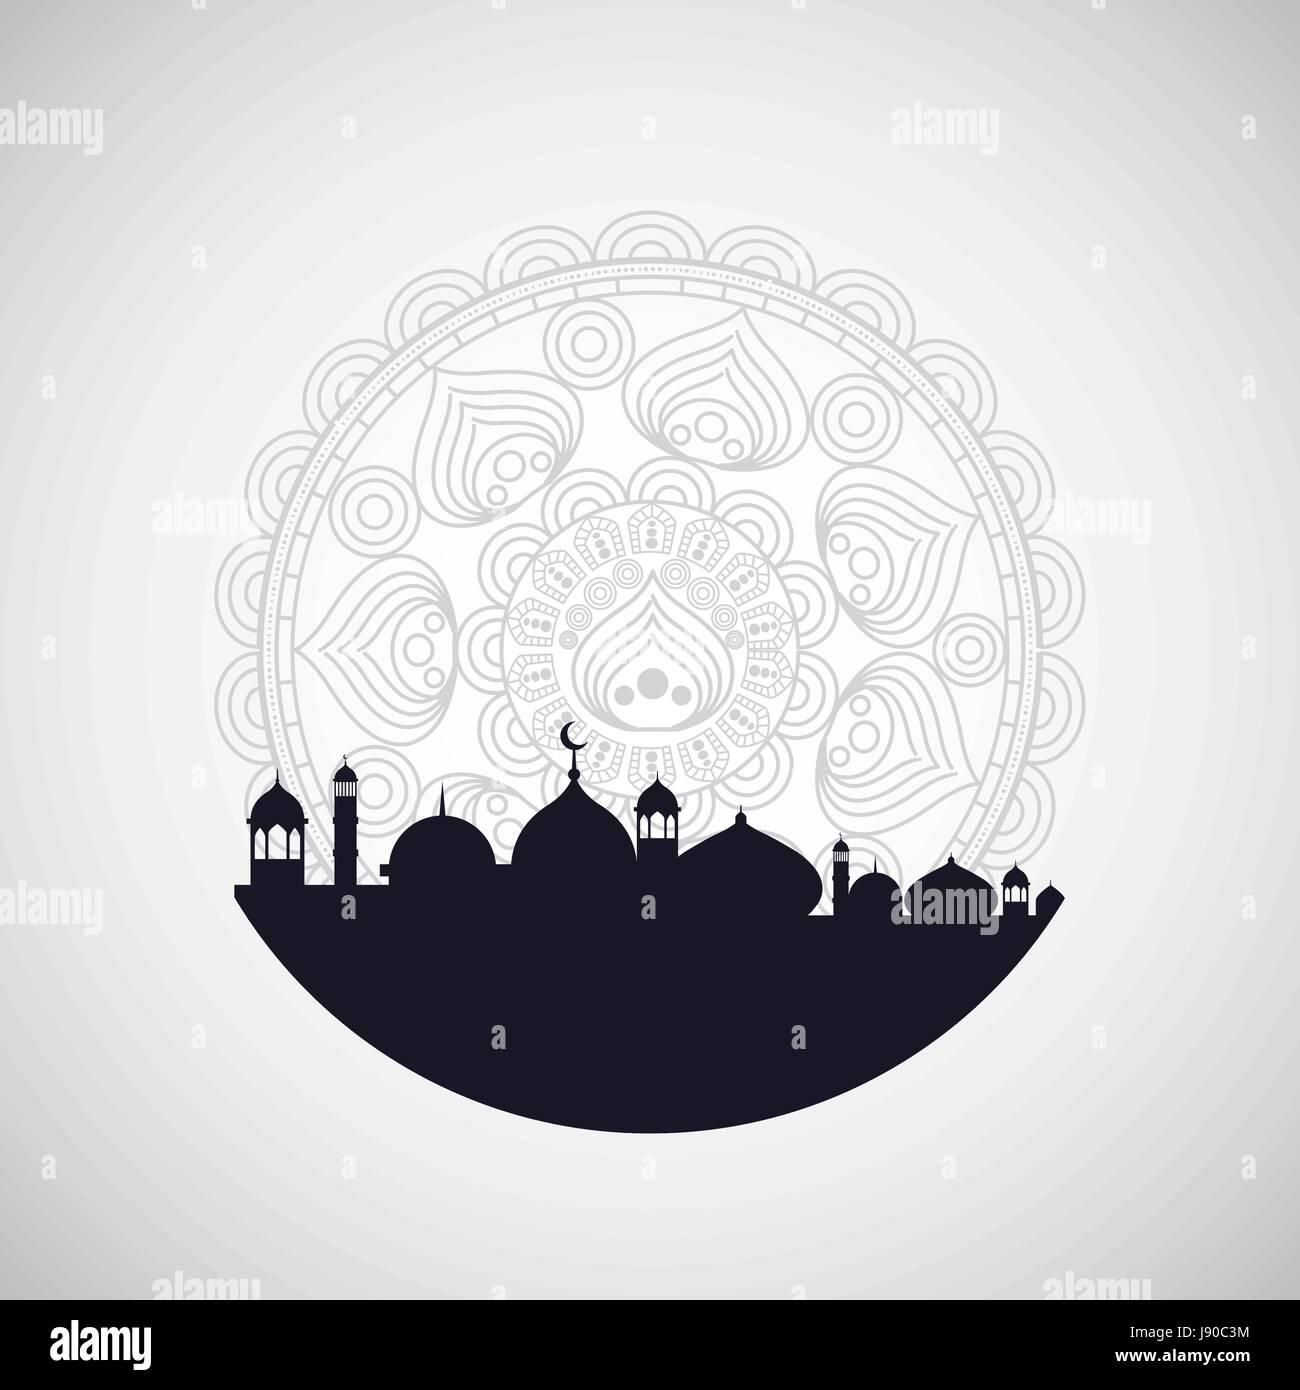 Eid mubarak antecedentes Ilustración del Vector